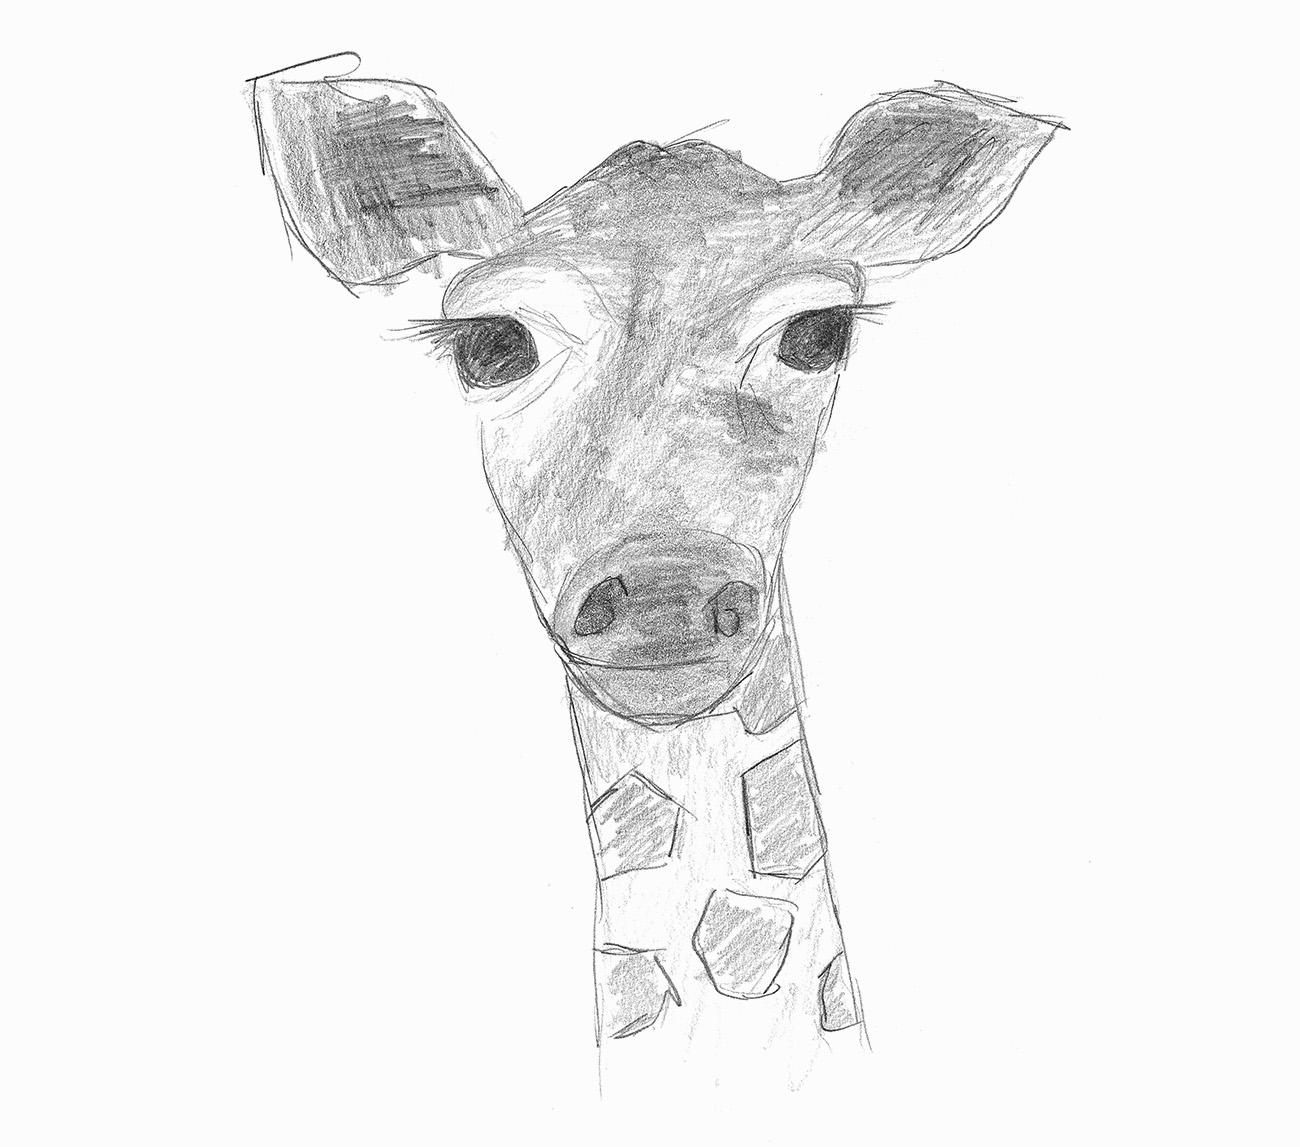 Skizze einer Giraffe